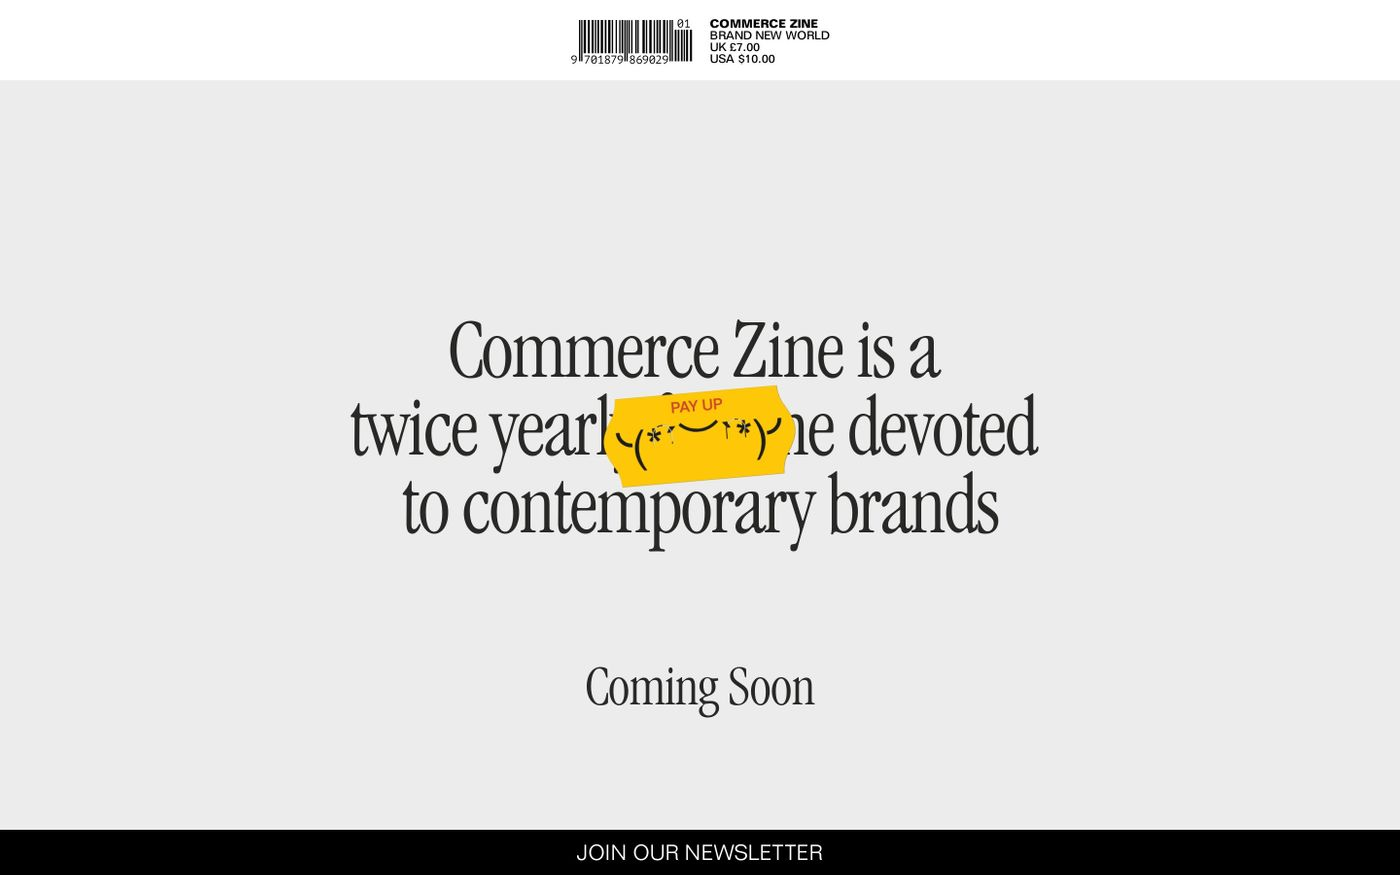 Screenshot of Commerce Zine website